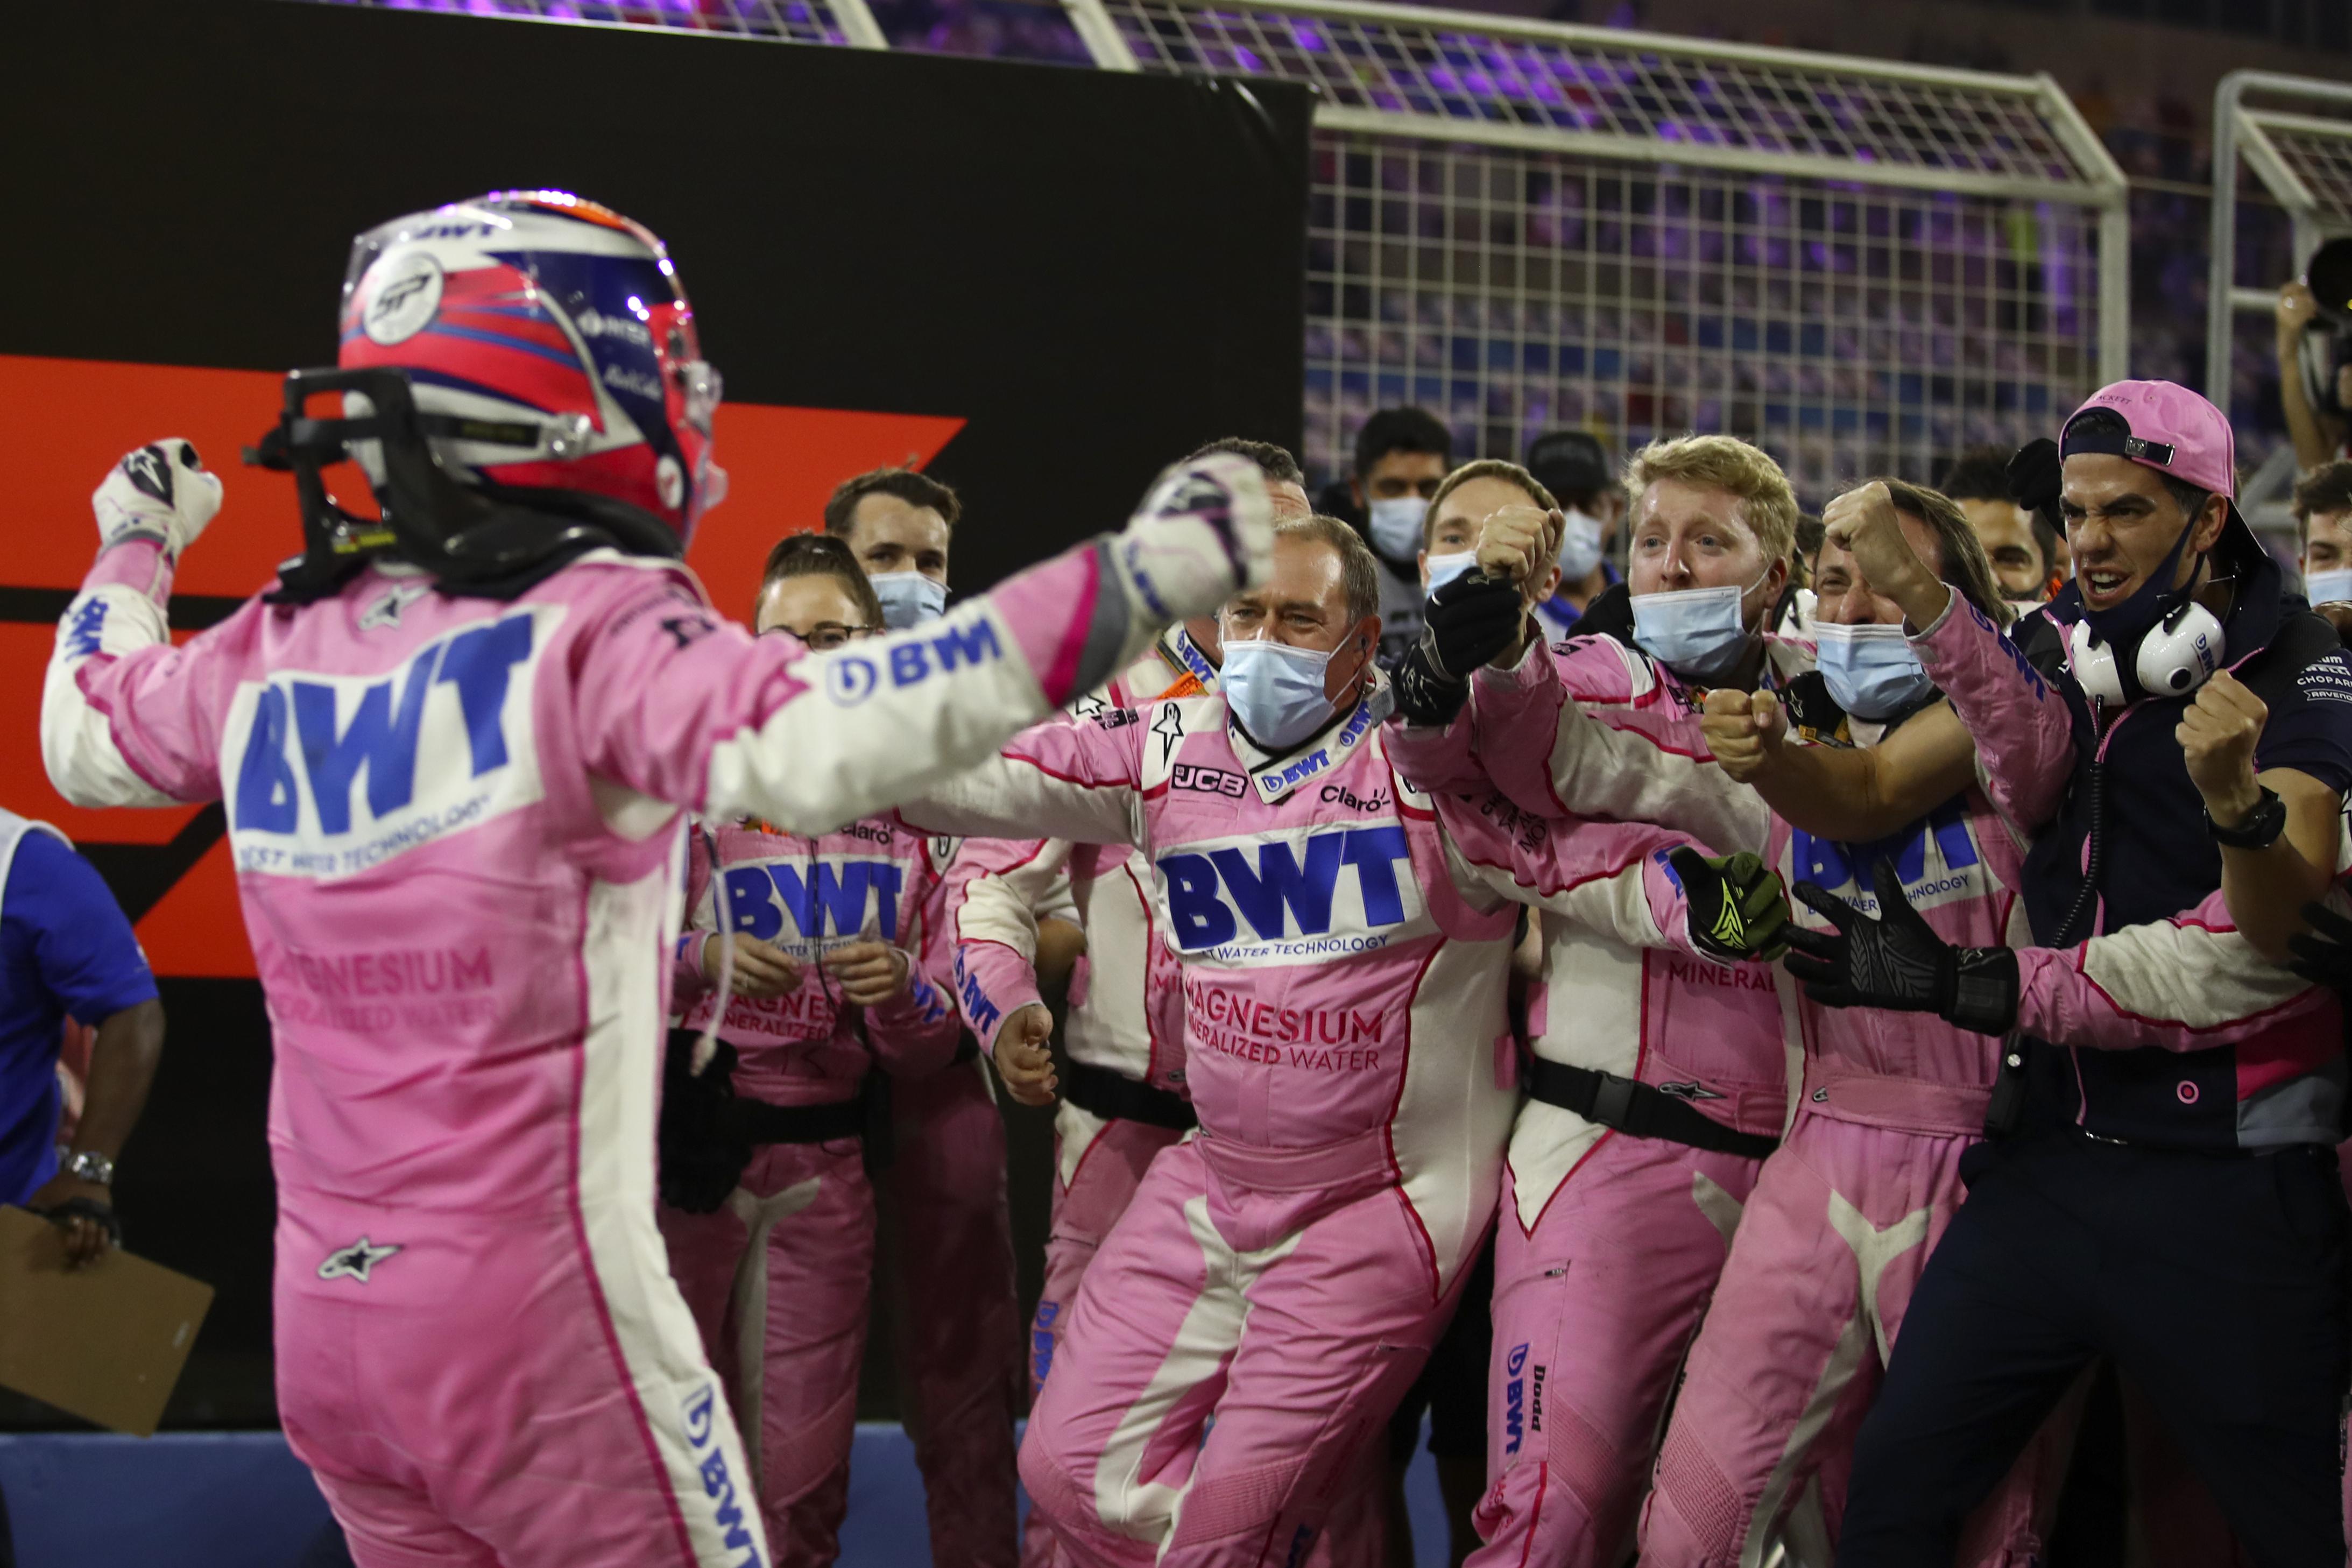 El piloto de Racing Point Sergio Pérez de México celebra con su equipo la victoria en el Gran Premio de Fórmula 1 de Sakhir, Baréin el domingo 6 de diciembre de 2020.